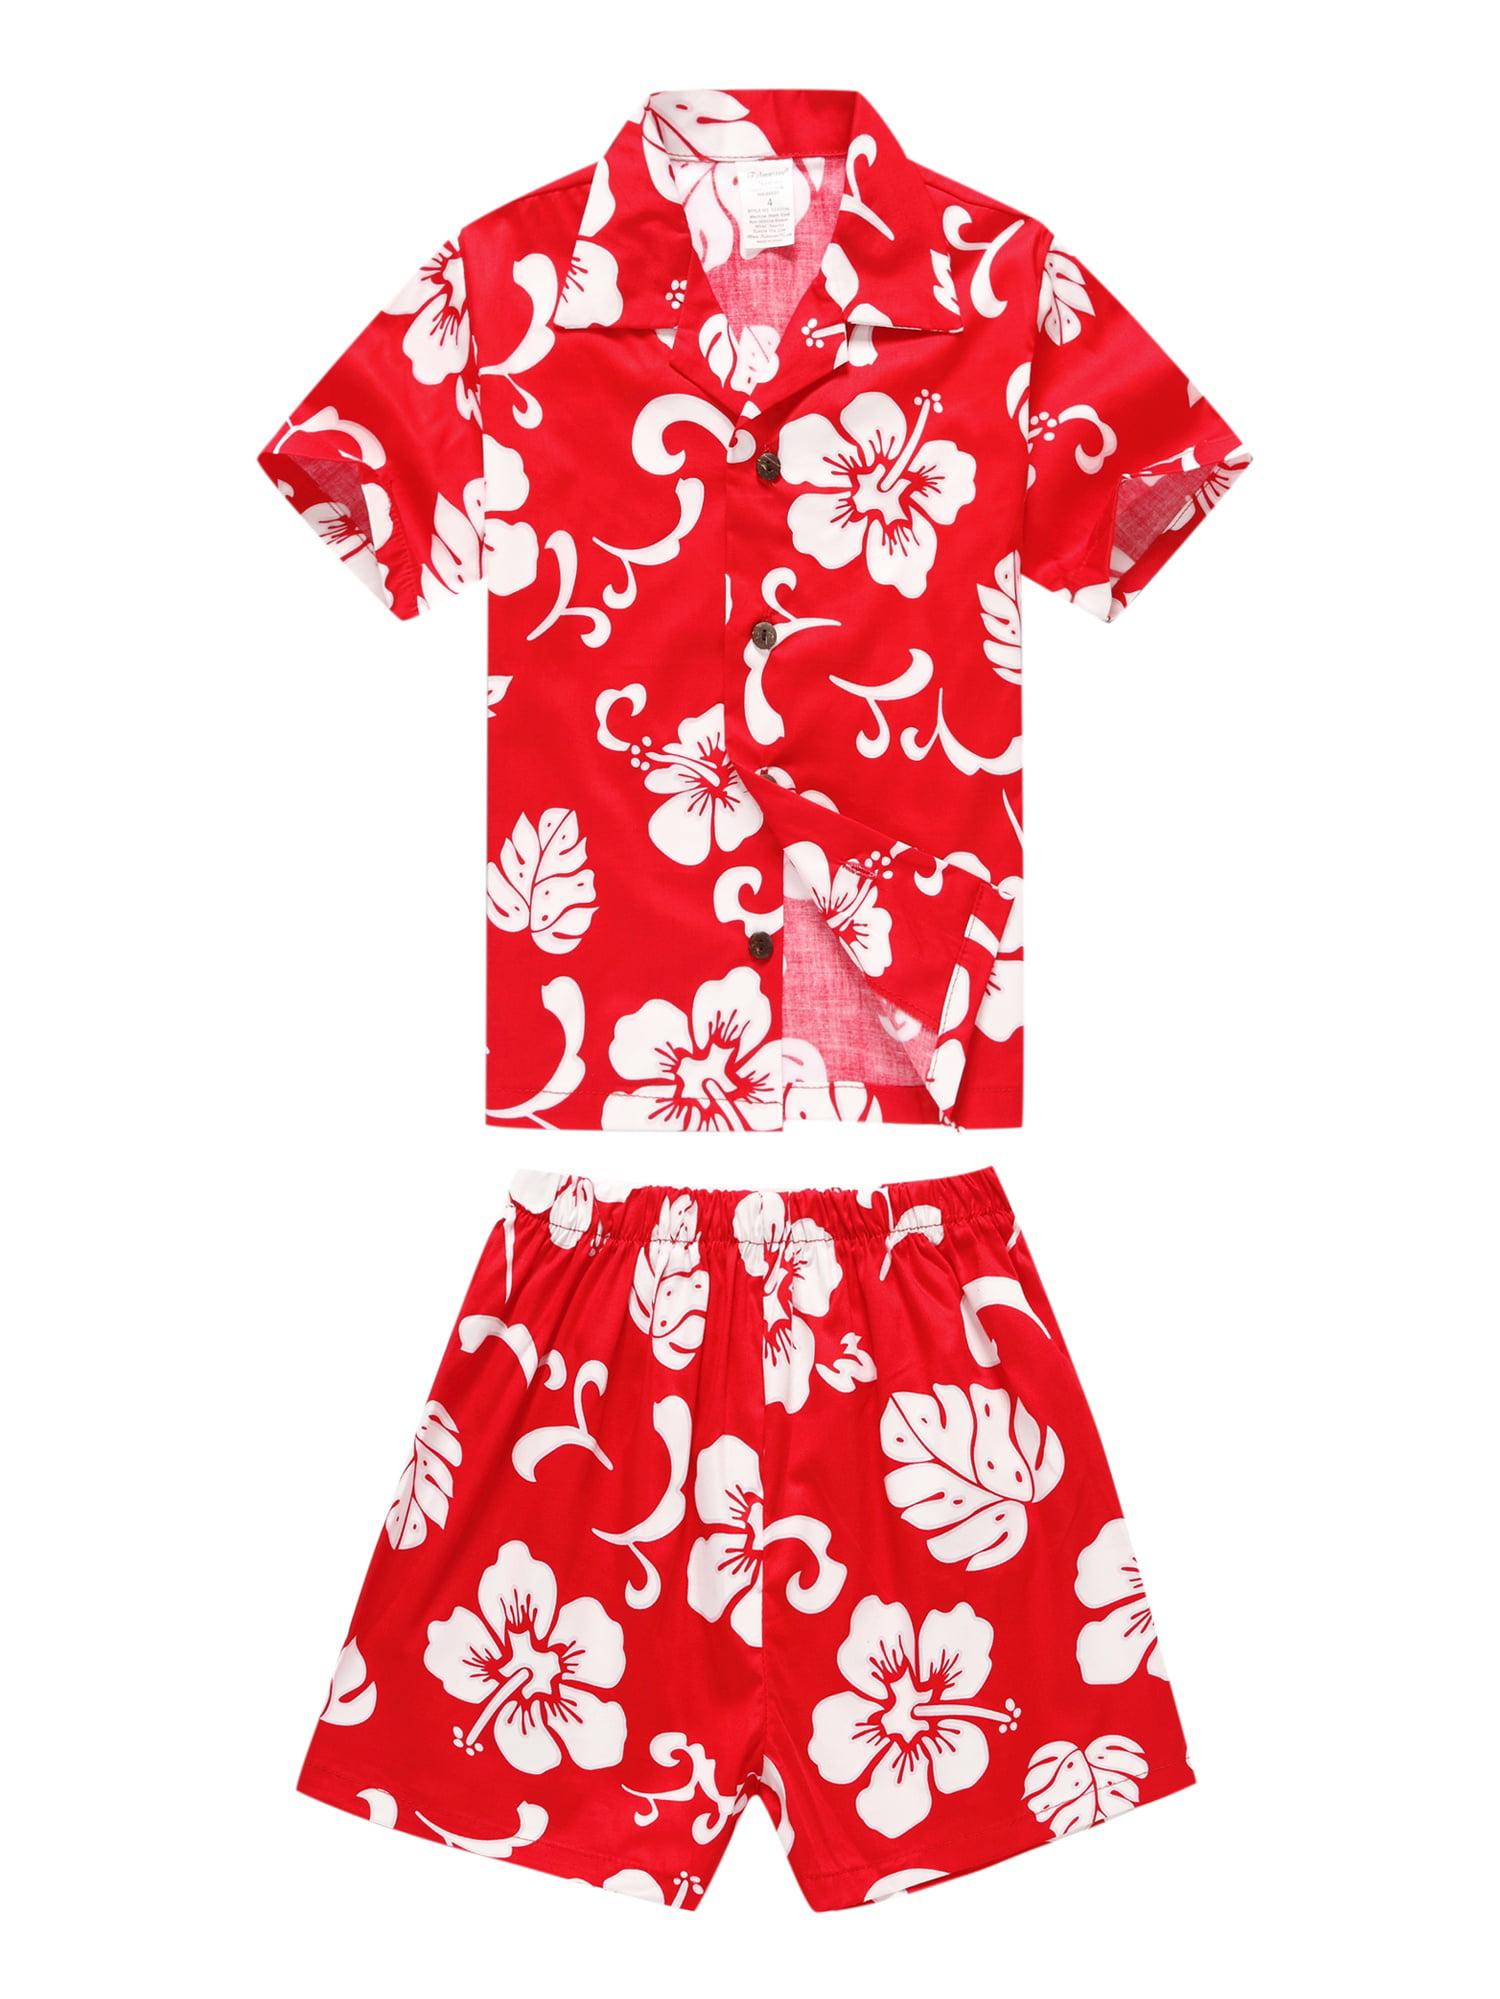 f6fa6306 Hawaii Hangover - Matching Father Son Hawaiian Luau Outfit Men Shirt Boy  Shirt Shorts PW Red Hibiscus XL-6 - Walmart.com